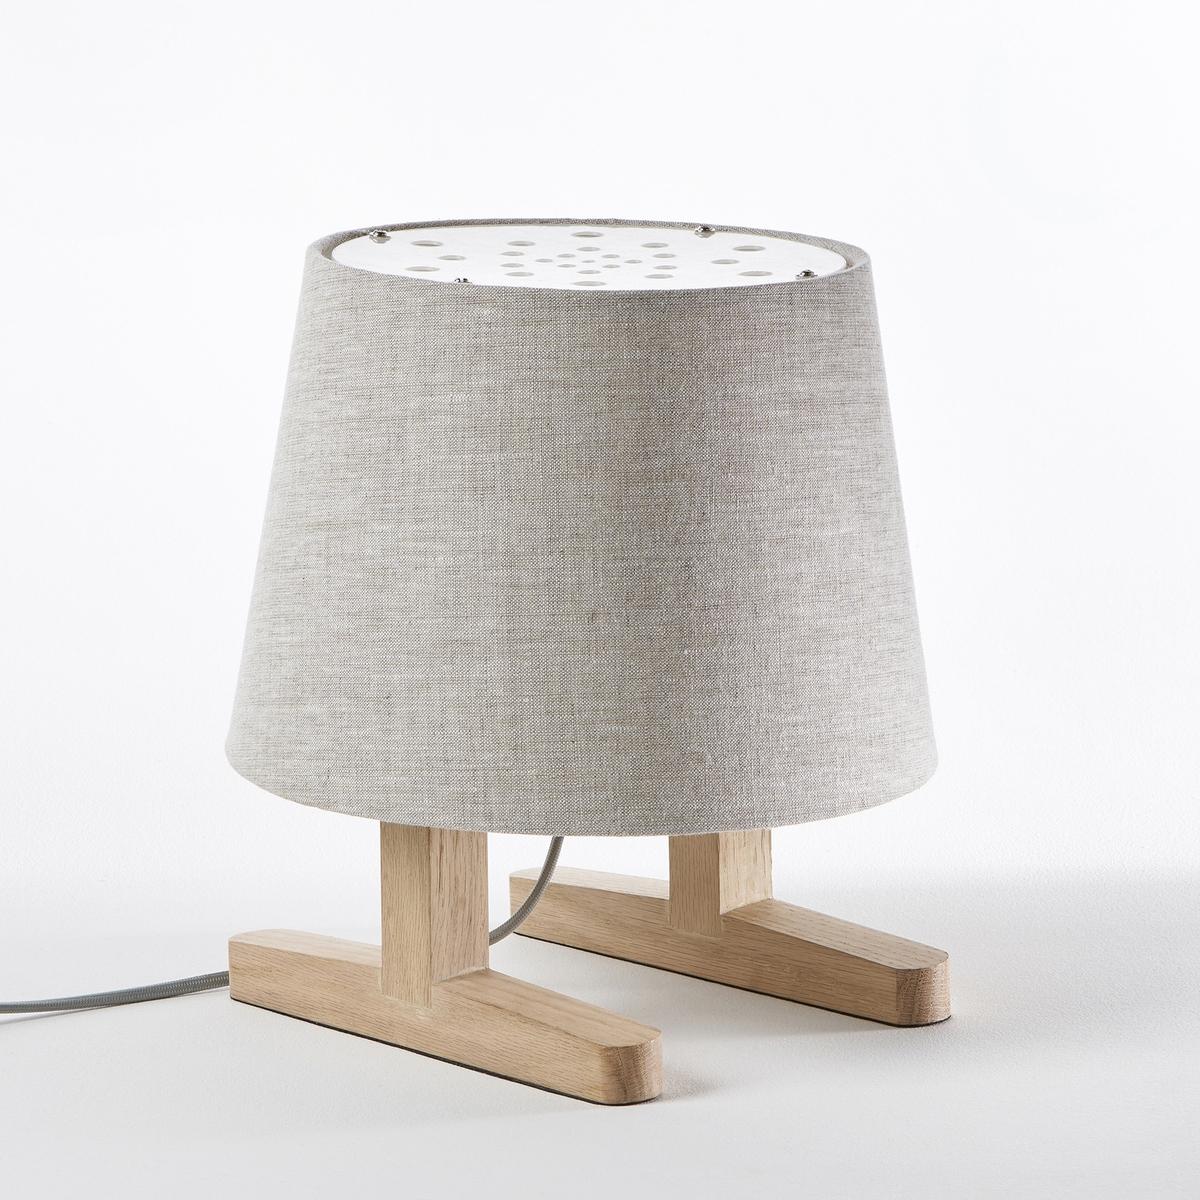 Лампа прикроватная Bernali, дизайн Э. ГаллиныПрикроватная лампа Bernali. Эксклюзивная разработка Эммануэля Галлины для AM.PM. Ножка с салазками и большой абажур, оригинальная и забавная настольная лампа!Дизайнер - Эммануэль Галлина. Элегантность, очевидность и простота - это его ключевые понятия. Для него важны детали, чтобы запечатлеть каждое мгновение в линиях, форме и функциональности .Задуманная и созданная для использования маленькими шалунами, эта лампа предназначена для детей. Эммануэль Галлина выбрал натуральные материалы, которые обеспечивают мягкую и безмятежную атмосферу. Благодаря форме в виде маленького человечка, эта прикроватная лампа создает игровую и теплую атмосферу.Характеристики : - Абажур из льна- Ножки из дуба с покрытием под натуральное дерево- Оборудована защитным экраном над лампочкой, чтобы ребенок не мог коснуться ее - Патрон G9 для лампы макс. 20 Вт (продается отдельно)- Совместима с лампами класса энергопотребления C-D-EРазмеры : - ? основания 40 см- макс. ? абажура 34 см- Общие размеры: ?40 x В.123 см.<br><br>Цвет: дуб/белый